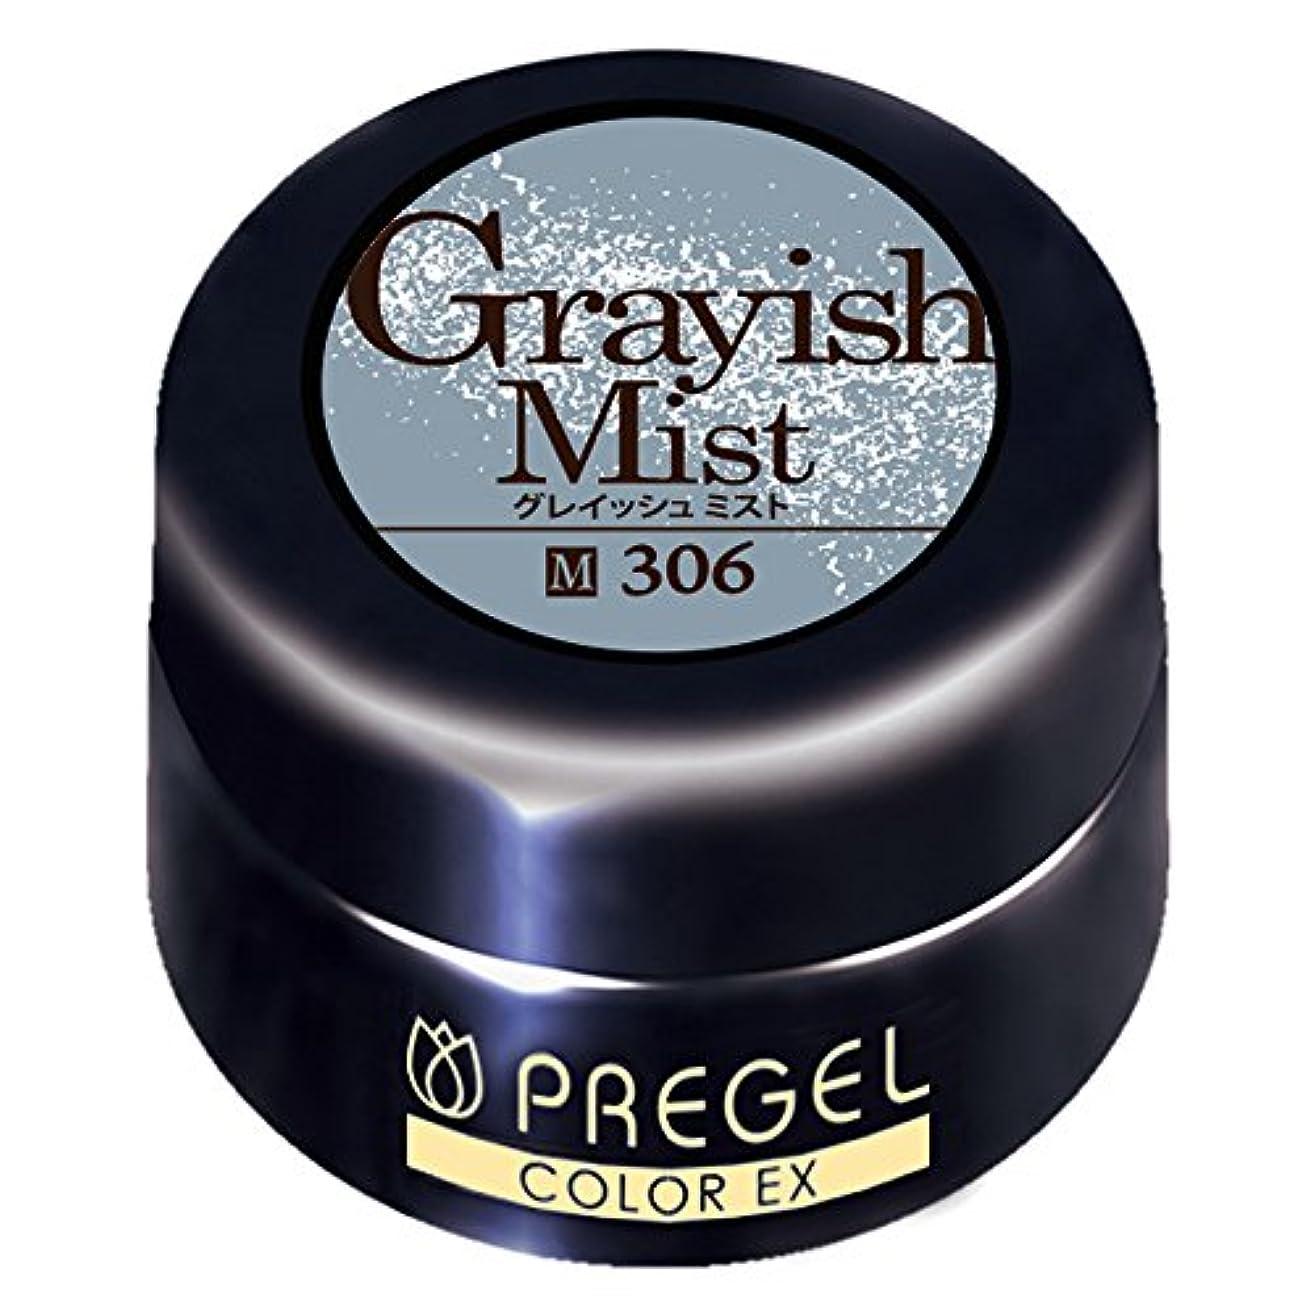 酸化物つぼみの中でプリジェル ジェルネイル カラーEX グレイッシュミスト 4g PG-CE306